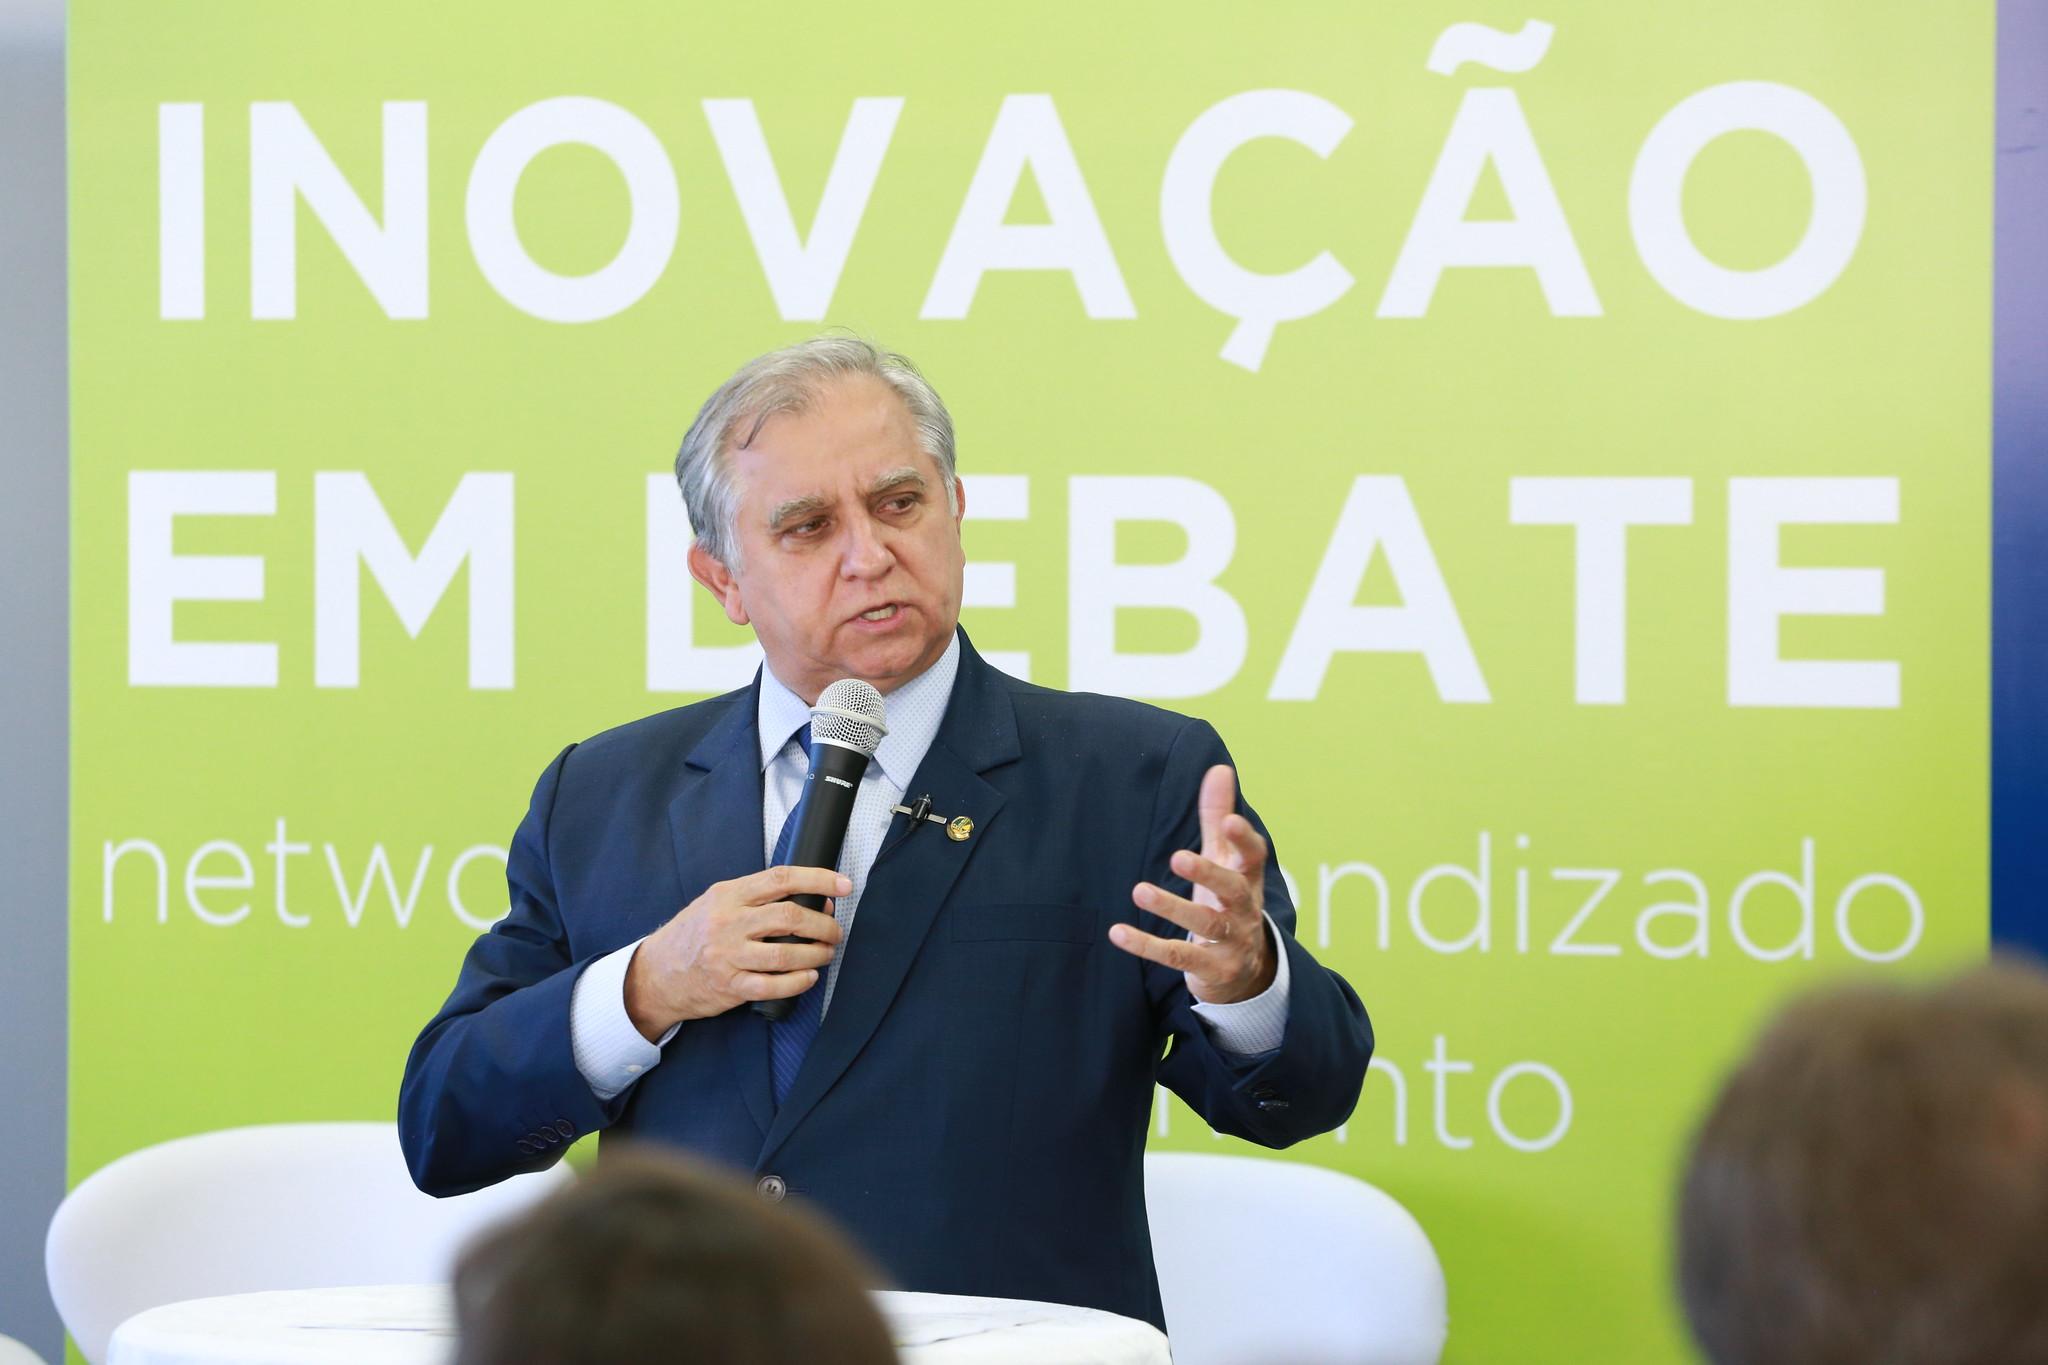 Senador Izalci falando sobre o projeto CDR no debate da Abipti Inovação e Debate.